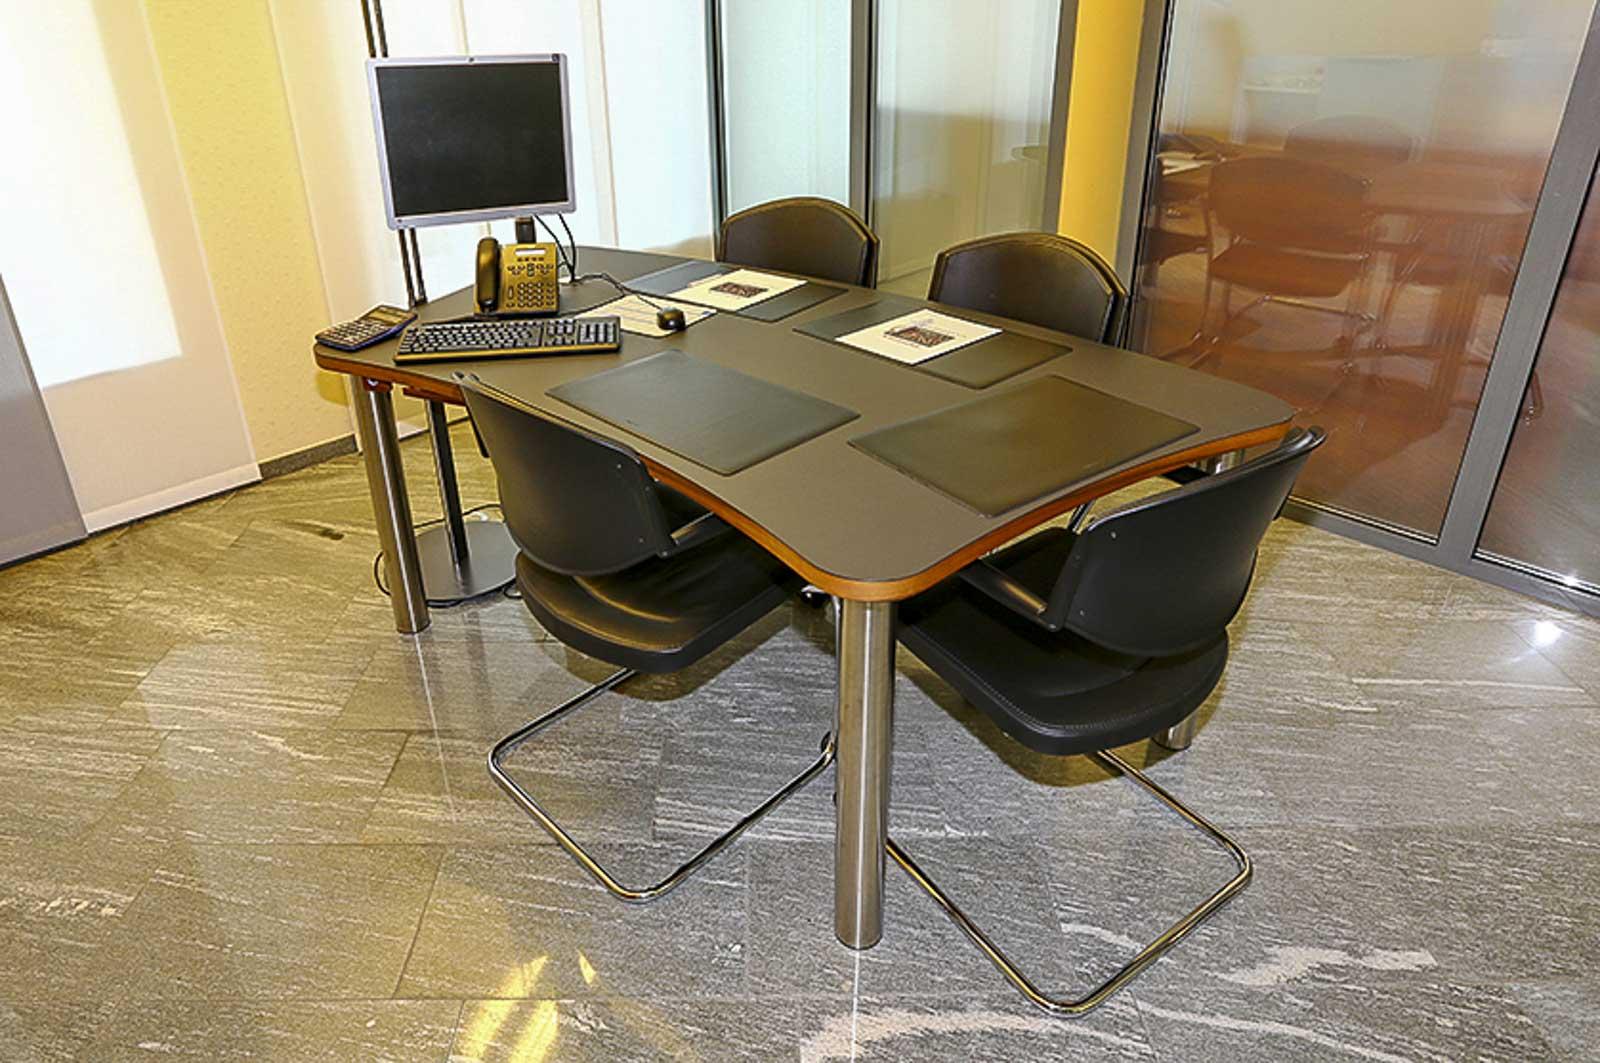 Wooddesign_öffentliche Bauten_Schalteranlage_Raiffeisen Giffers_Beraterbank_Beratungszimmer_Sideboard (3)